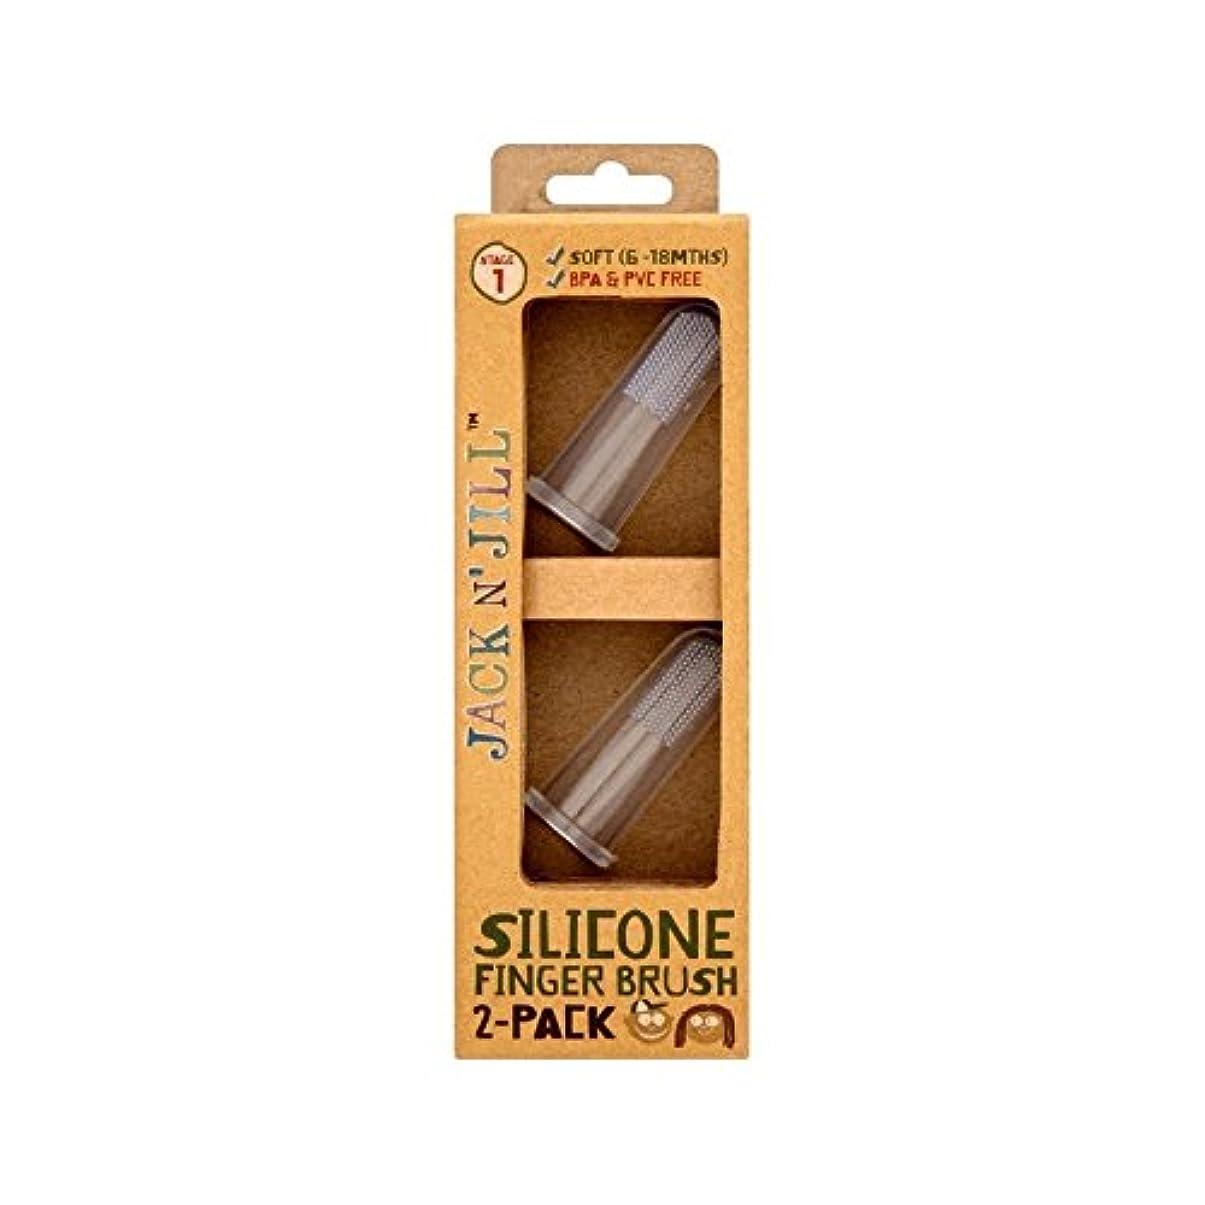 変換する悪性腫瘍論争シリコーン指ブラシ2パックあたりパック2 (Jack N Jill) (x 6) - Jack N' Jill Silicone Finger Brush 2 Pack 2 per pack (Pack of 6) [並行輸入品]